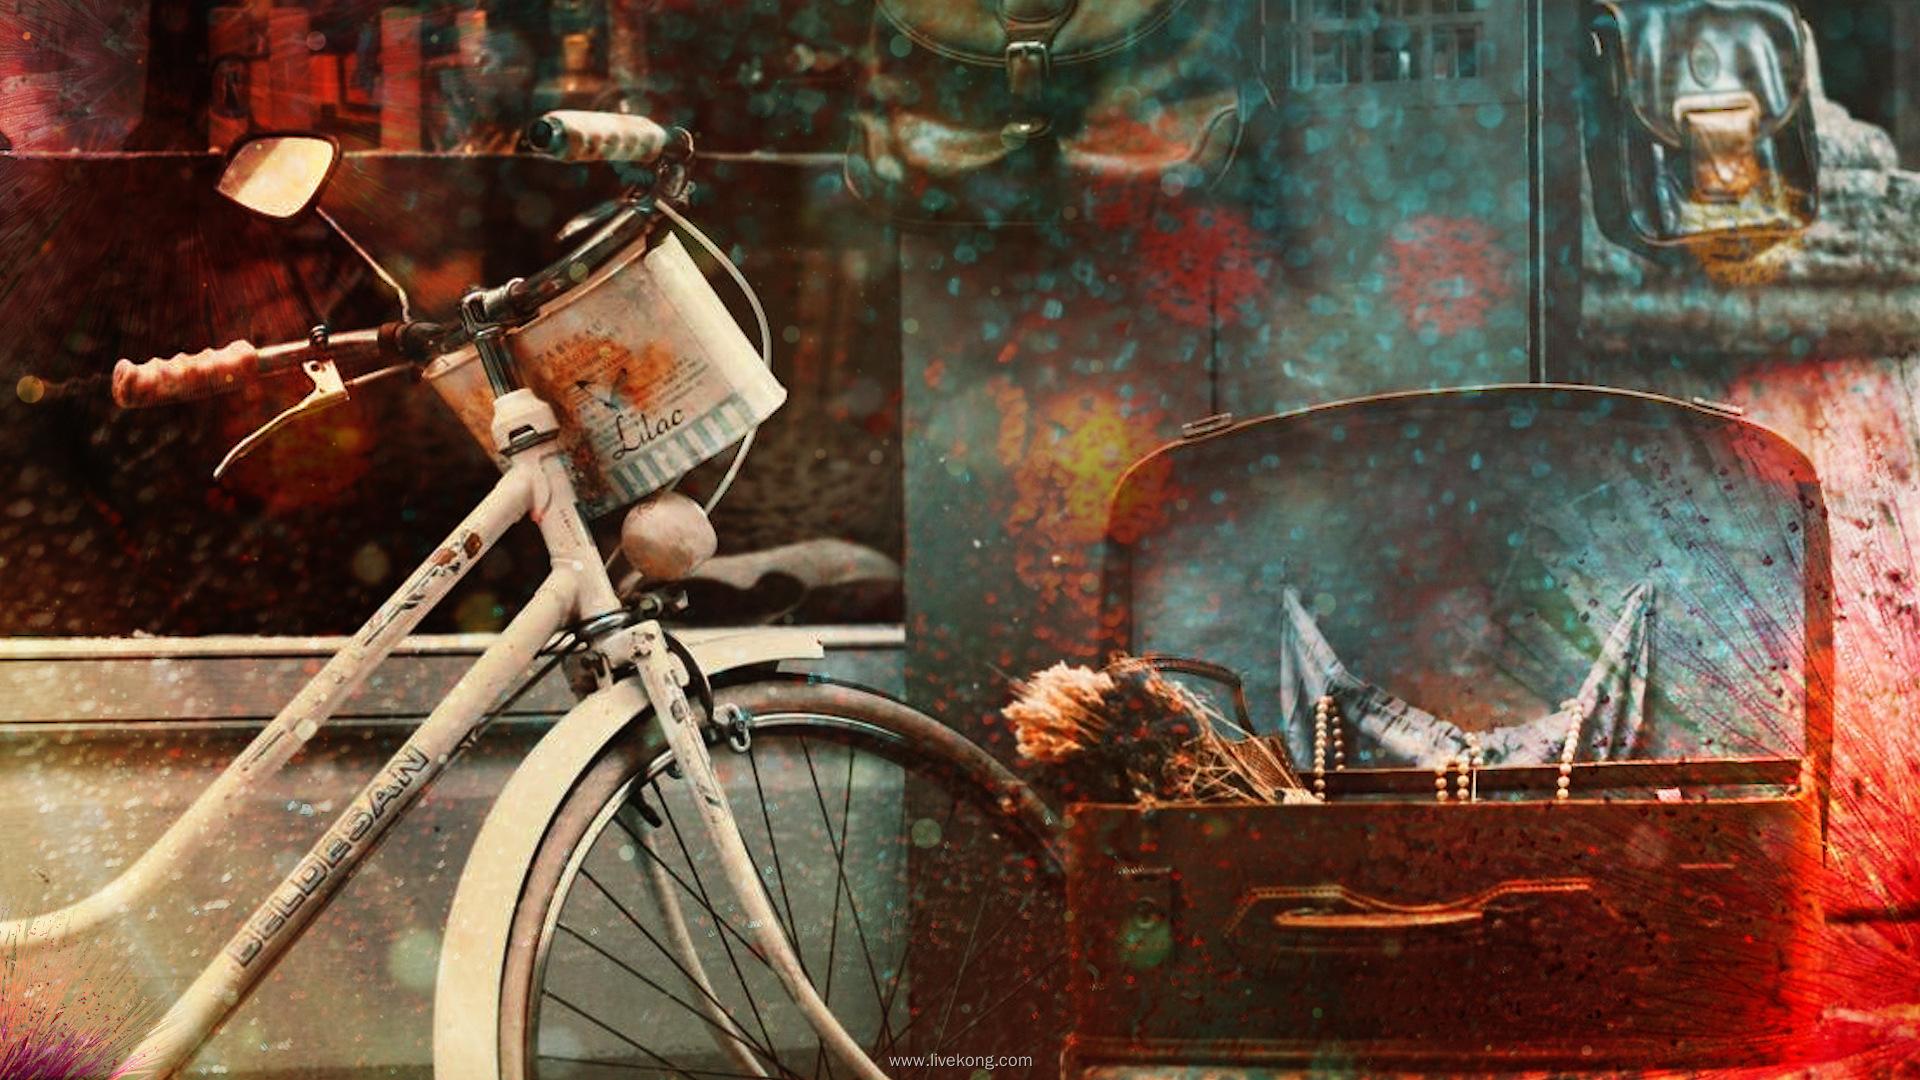 序列 05.00 00 27 13.Still004 - 芳华绒花led配乐视频背景复古怀旧文艺唯美视频背景素材